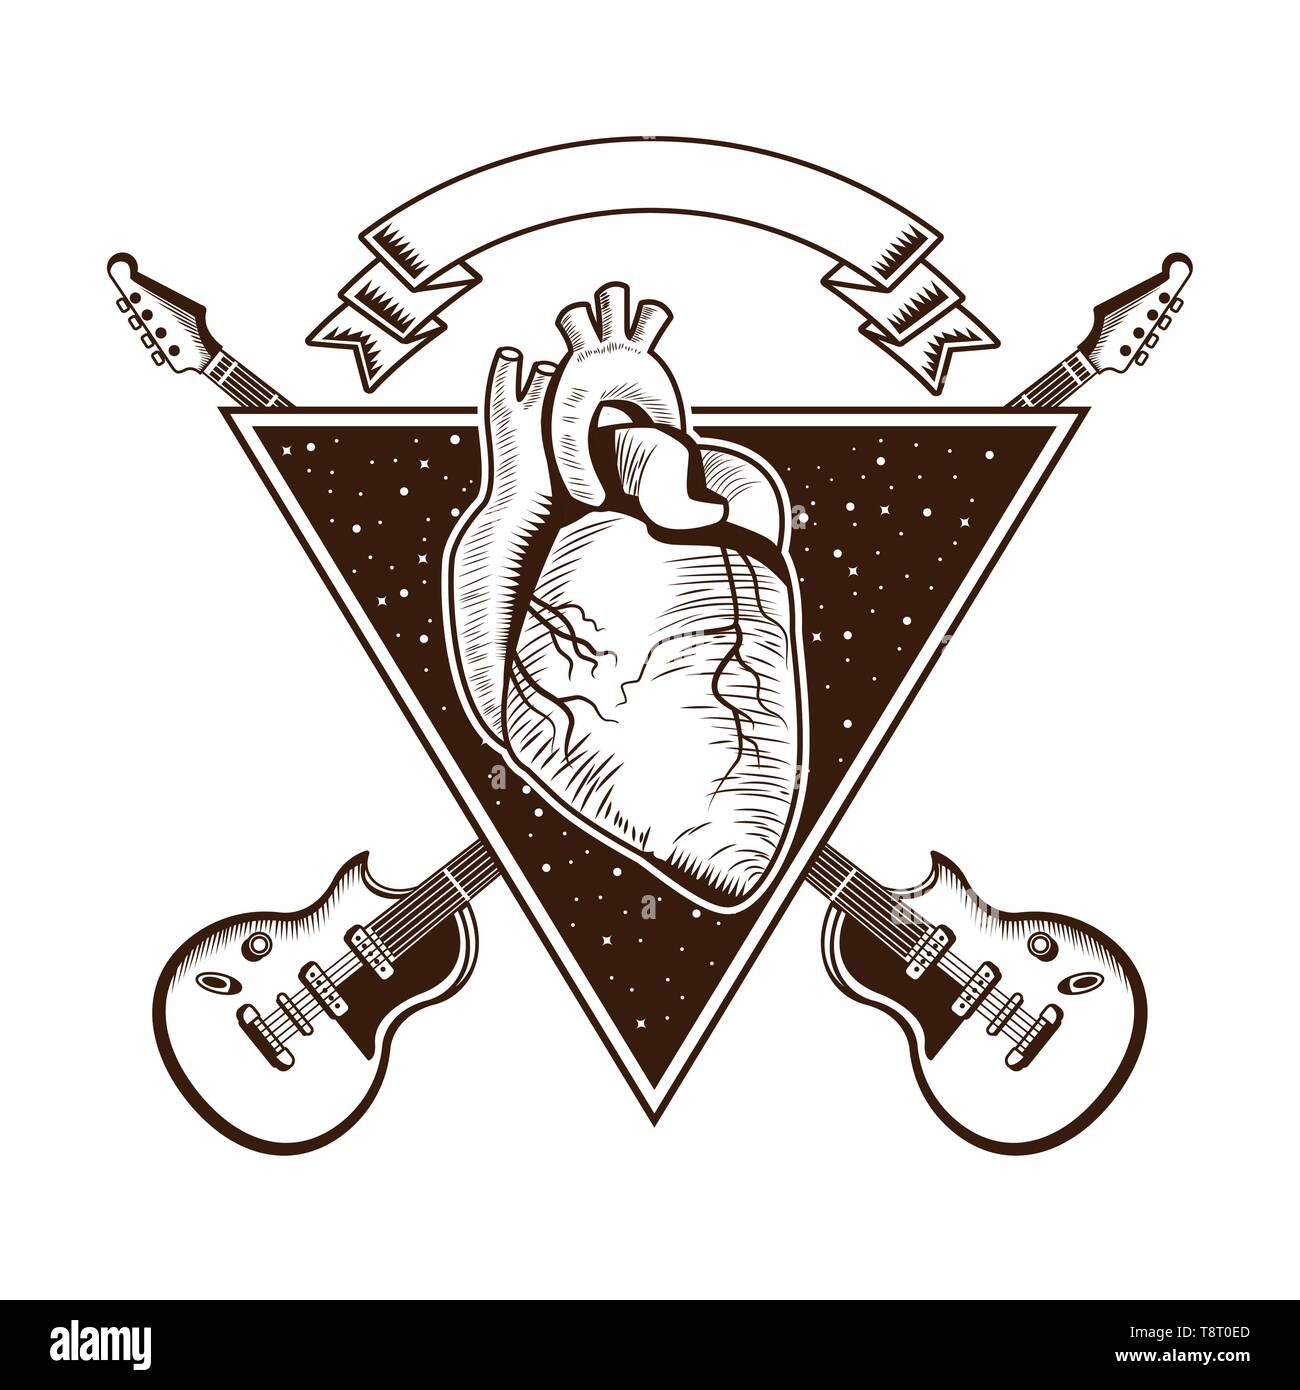 El Rock And Roll Vintage Emblema Con Dibujos Ilustración Del